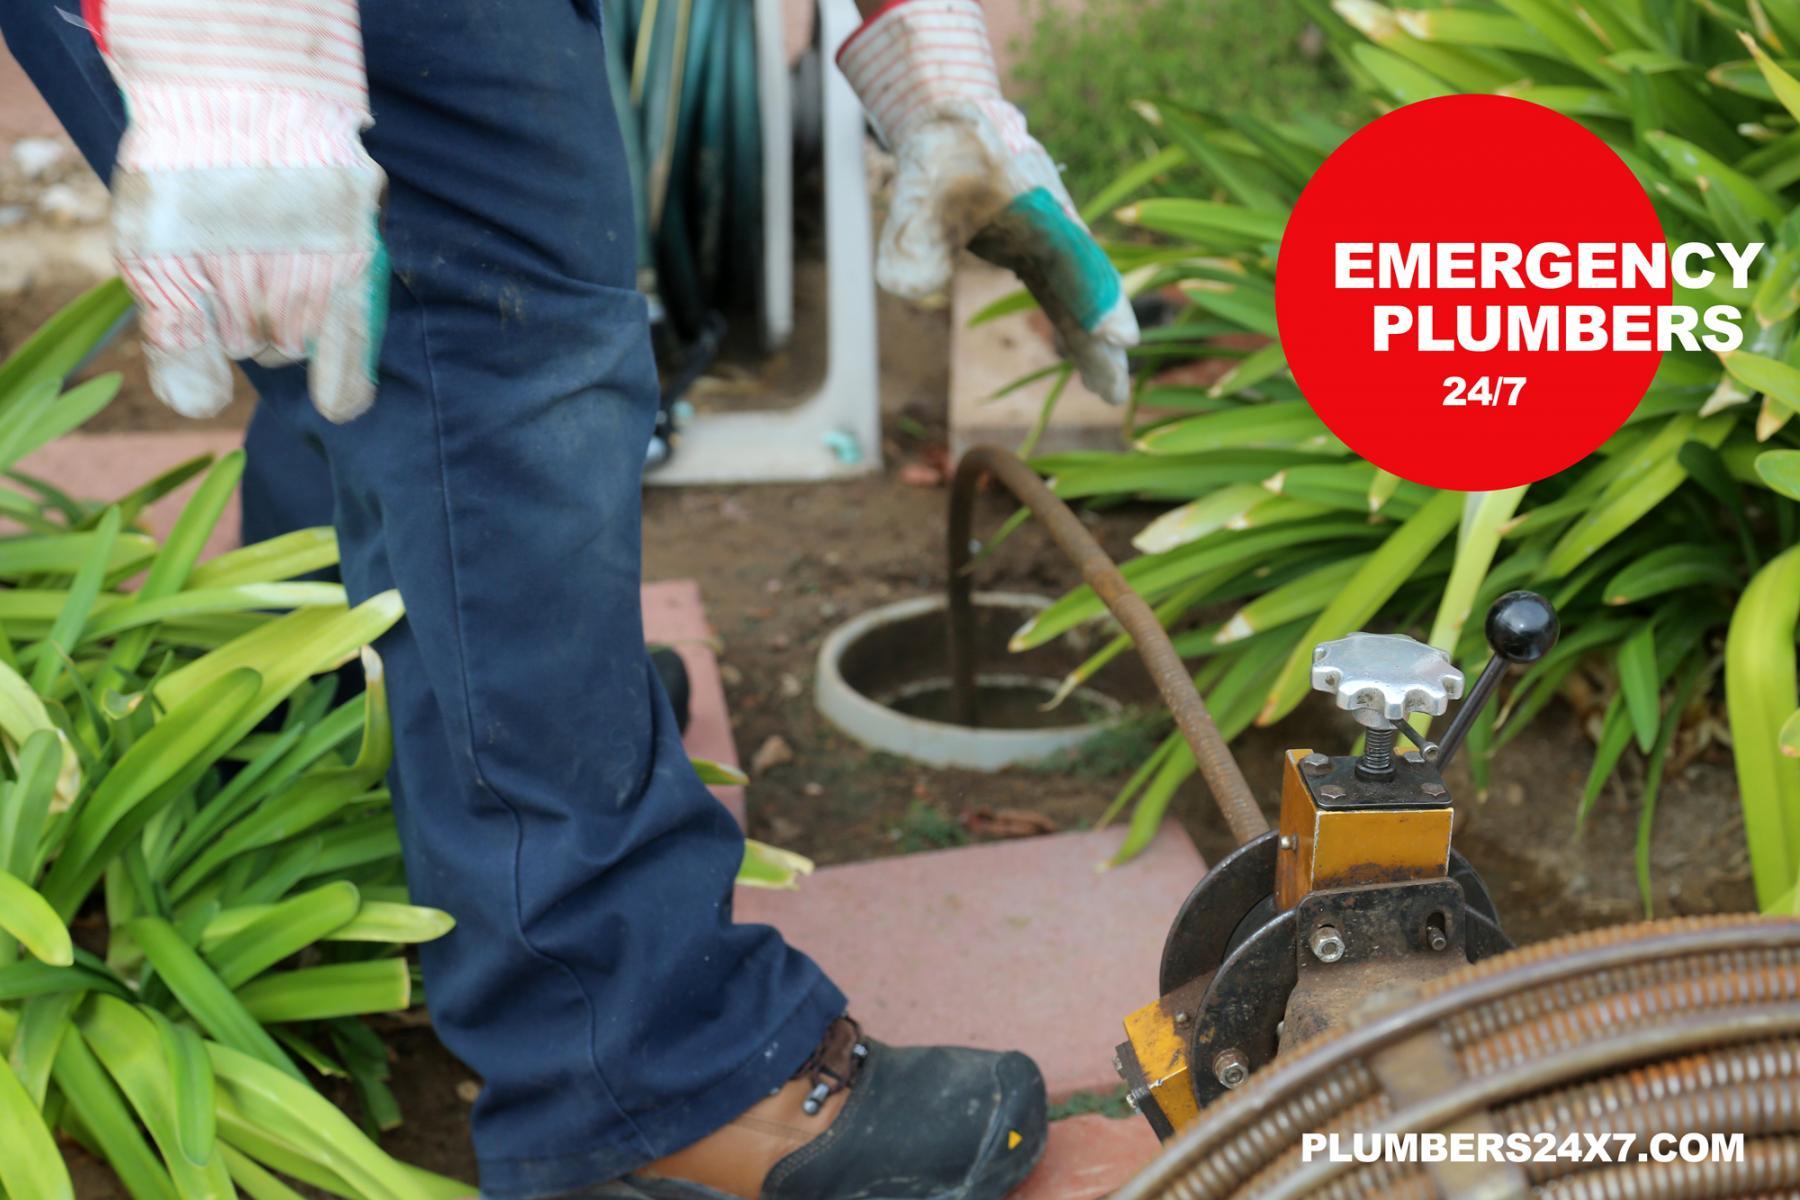 Unclog Drain - Emergency Plumbers near me